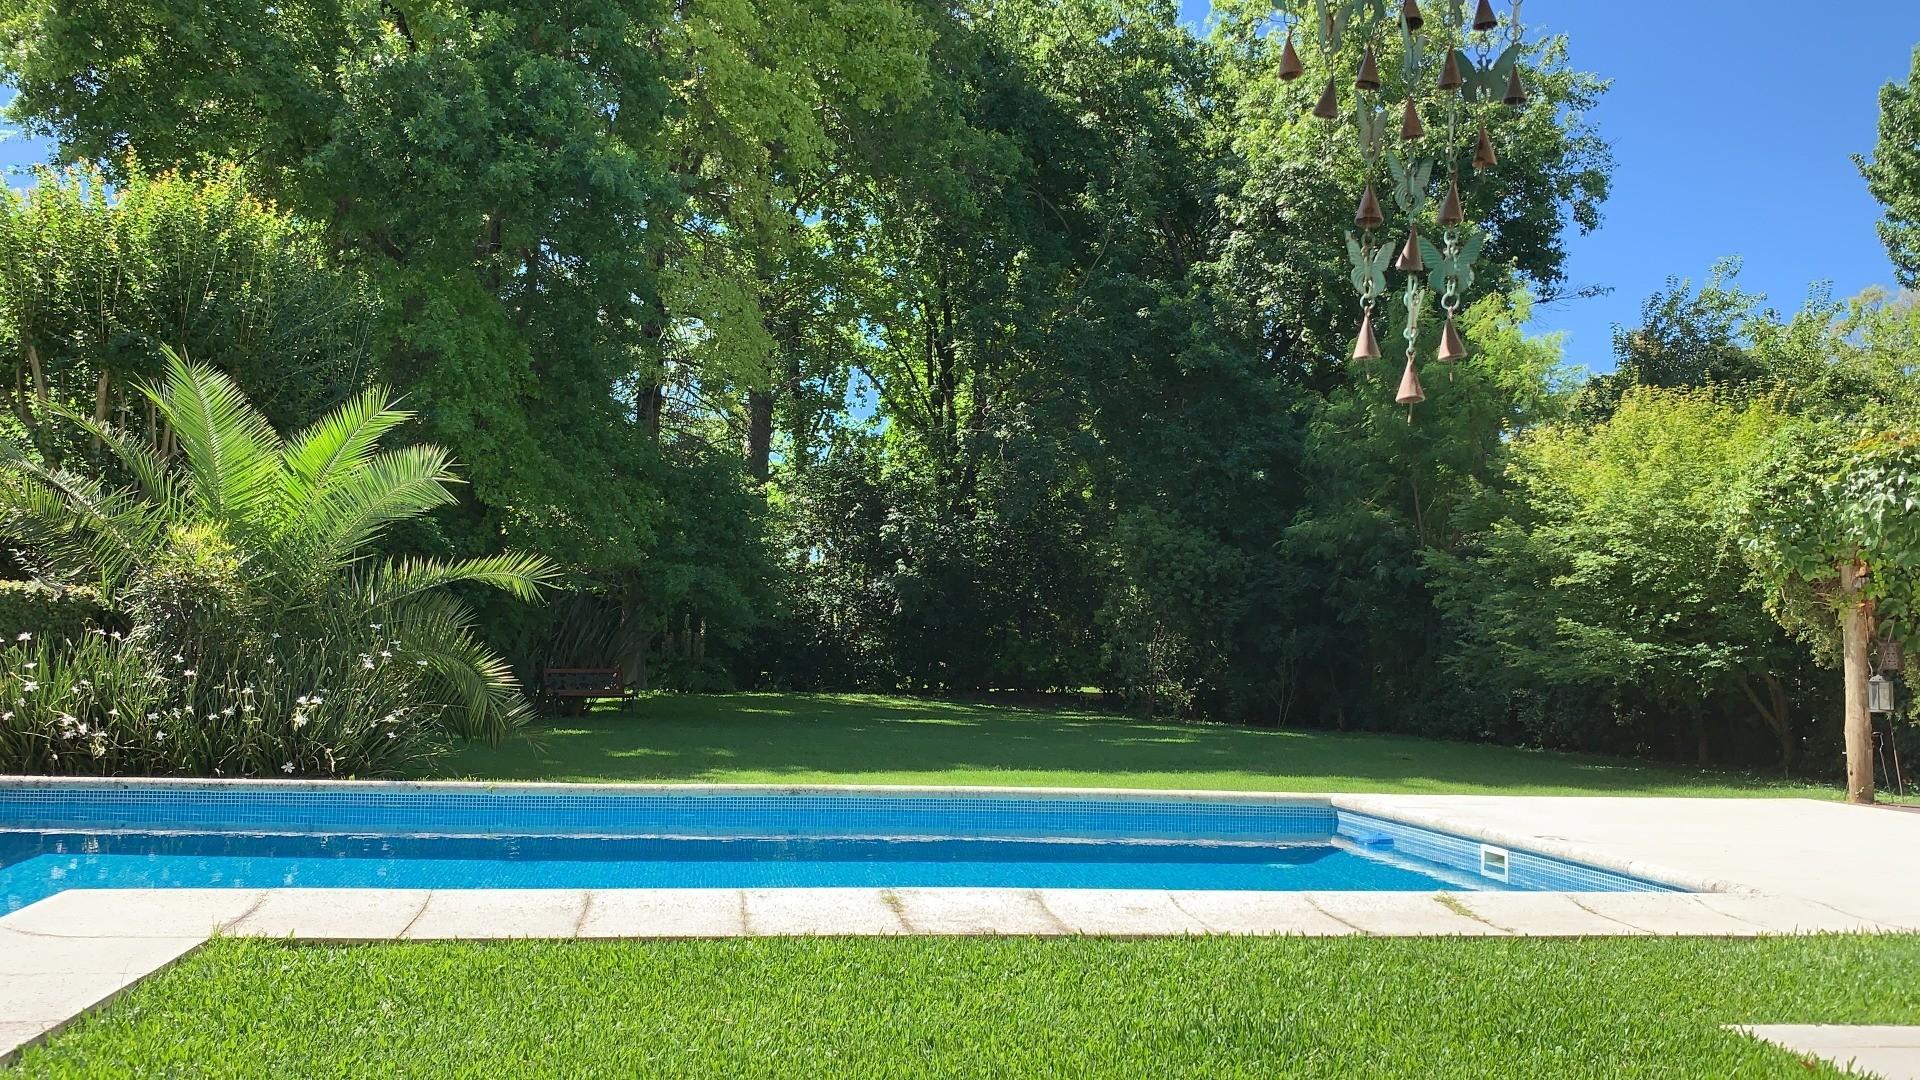 - Espectacular casa de muy  buen gusto, onda  y calidad, ubicada en una muy lindo lugar! - - Foto 25